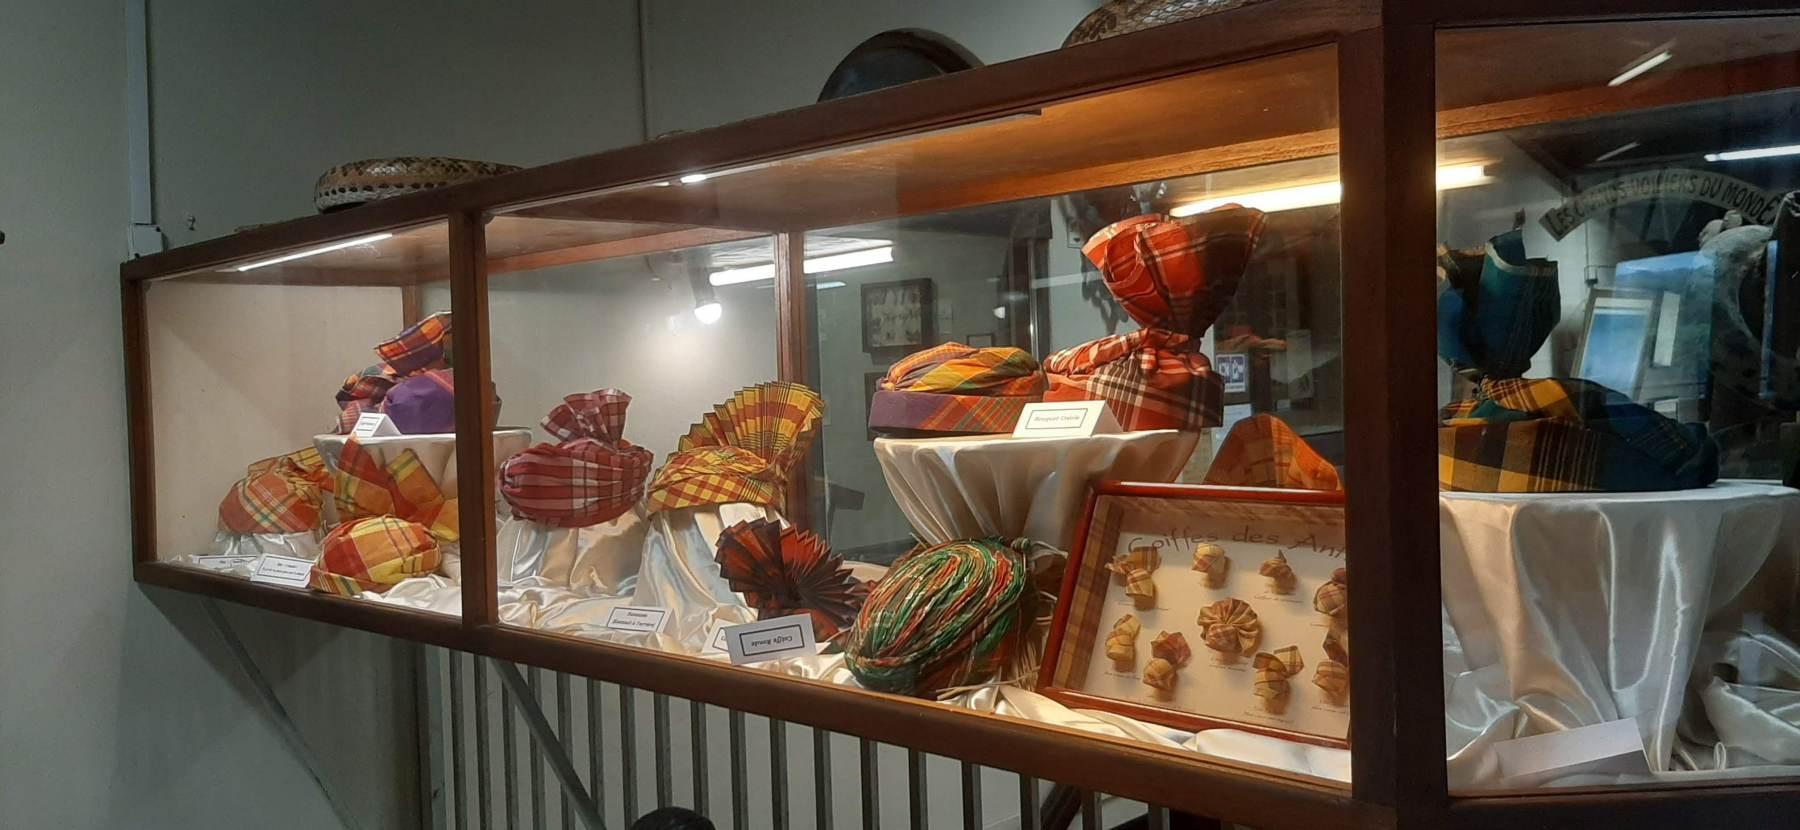 Tradiční Guadeloupské pokrývky hlavy